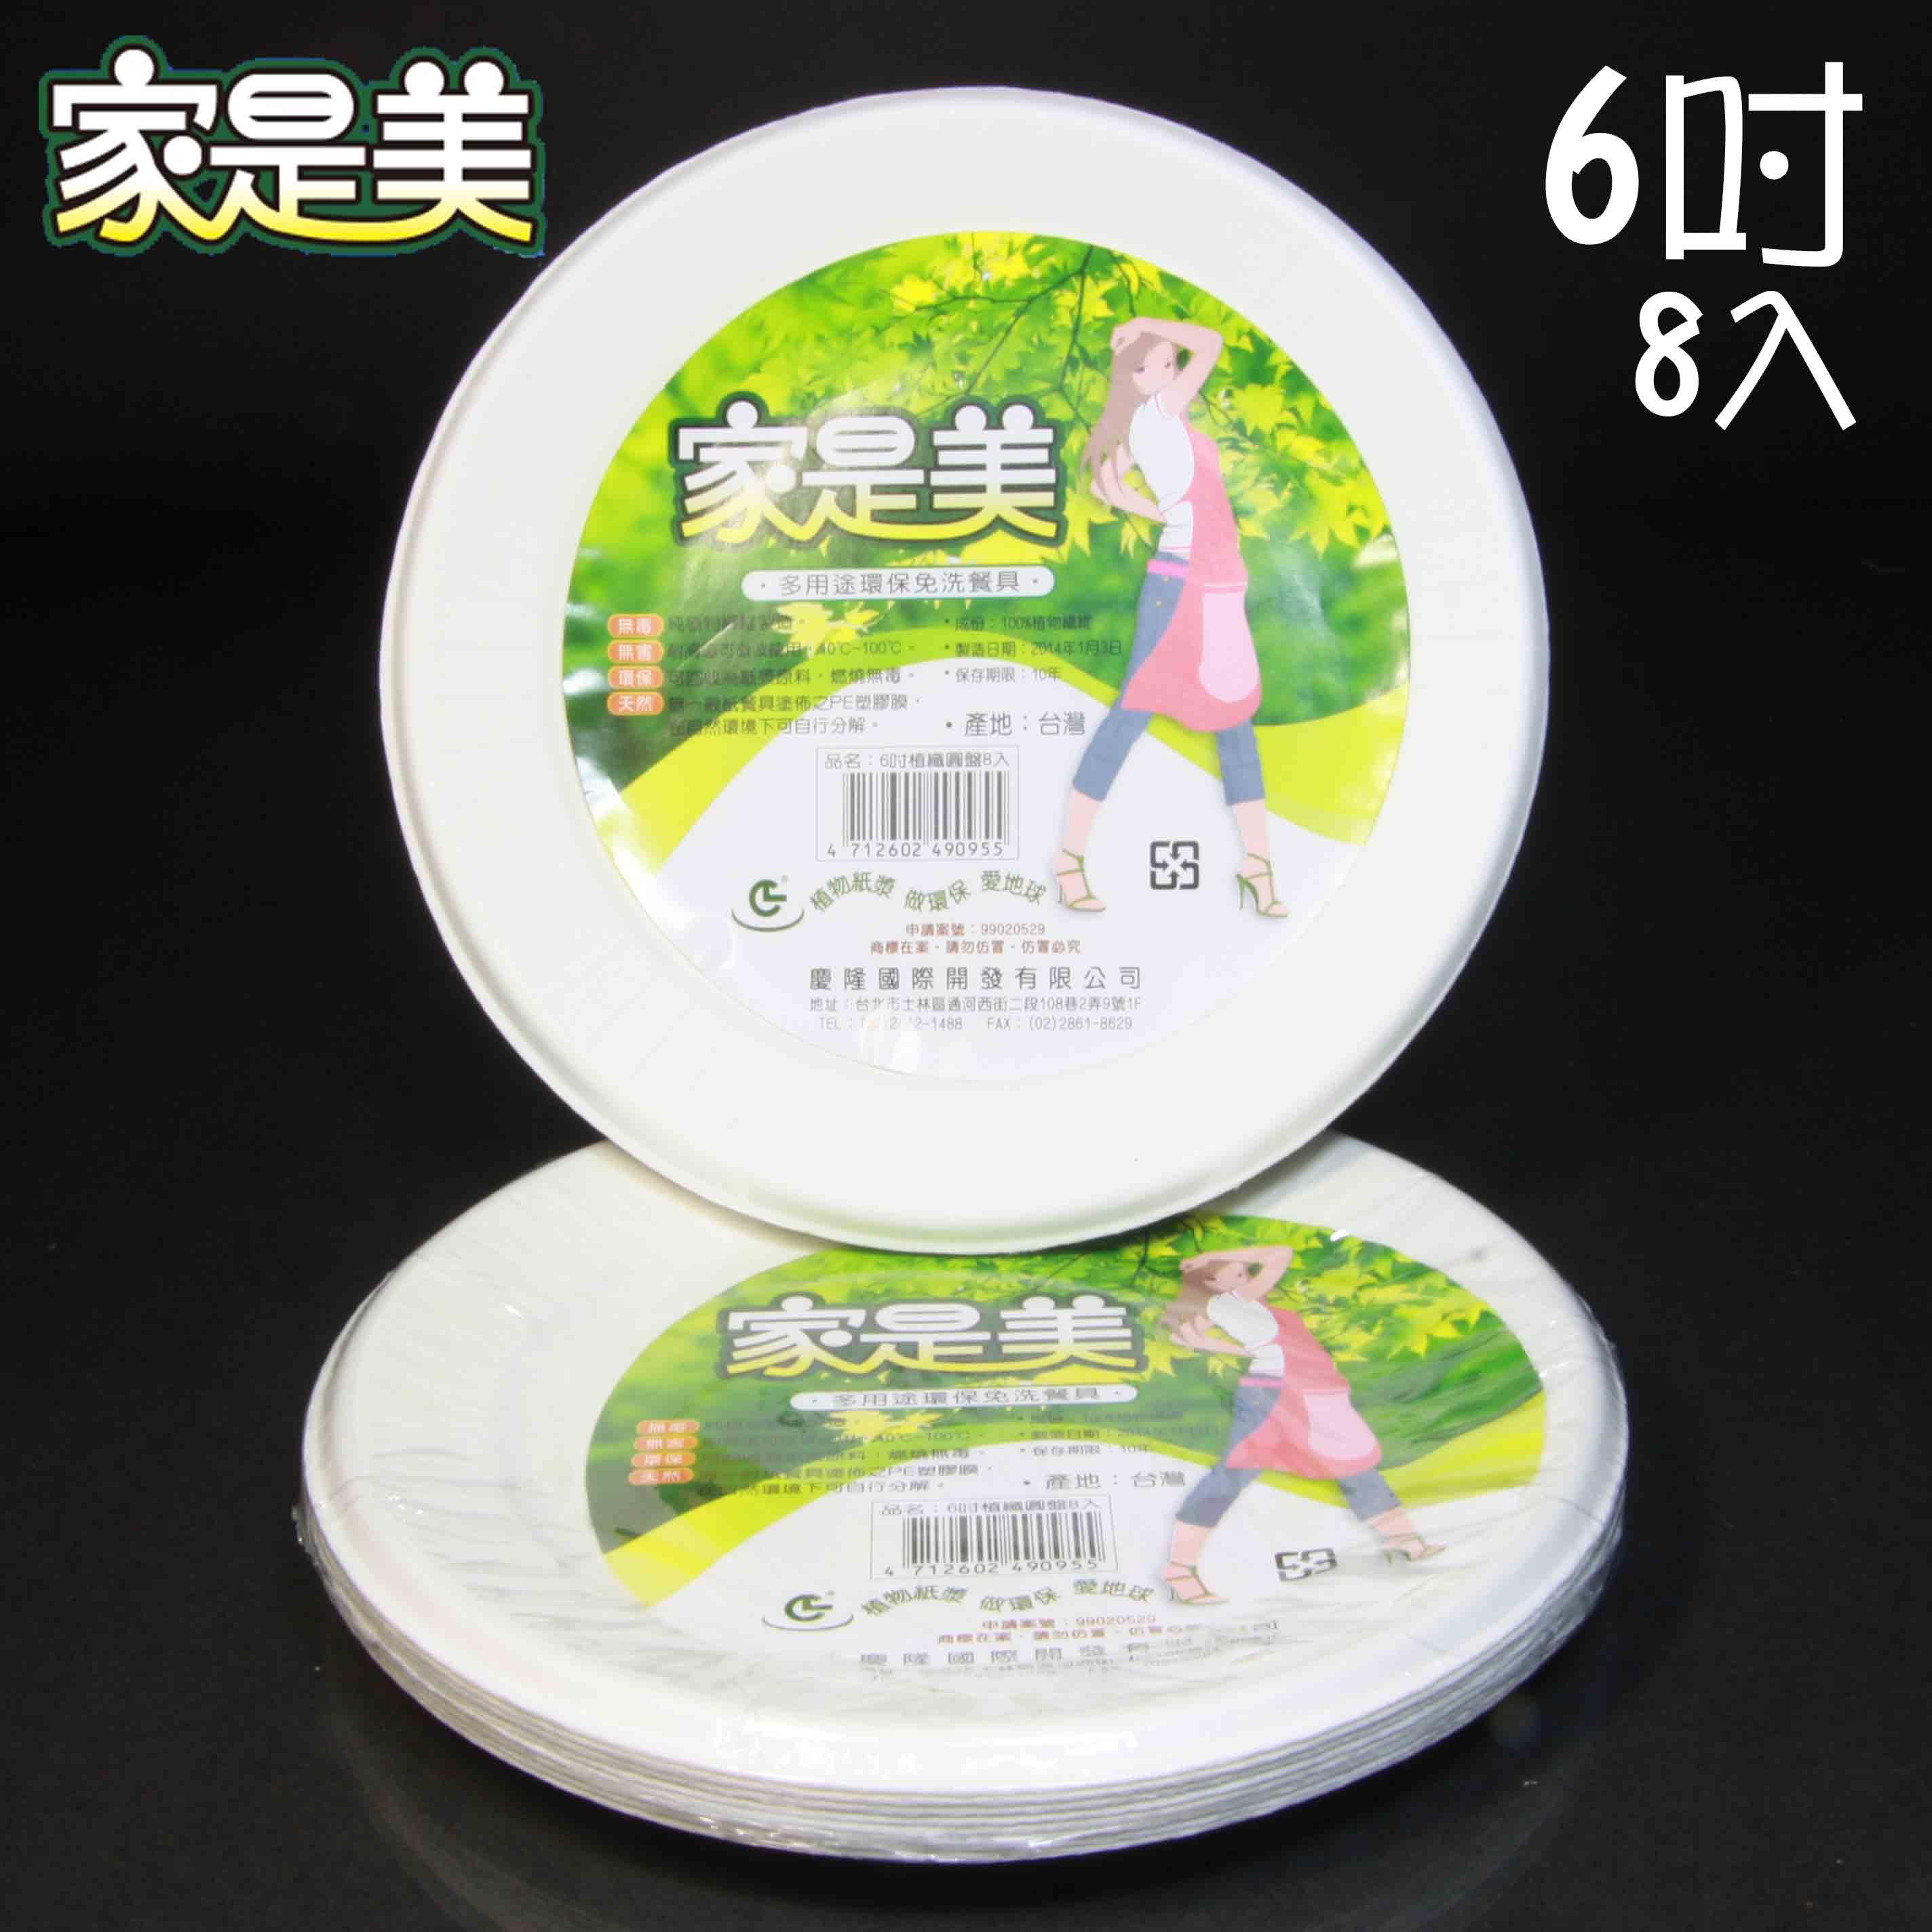 家是美環保圓紙盤(6吋)8入 環保餐具/免洗餐具/免洗碗盤杯